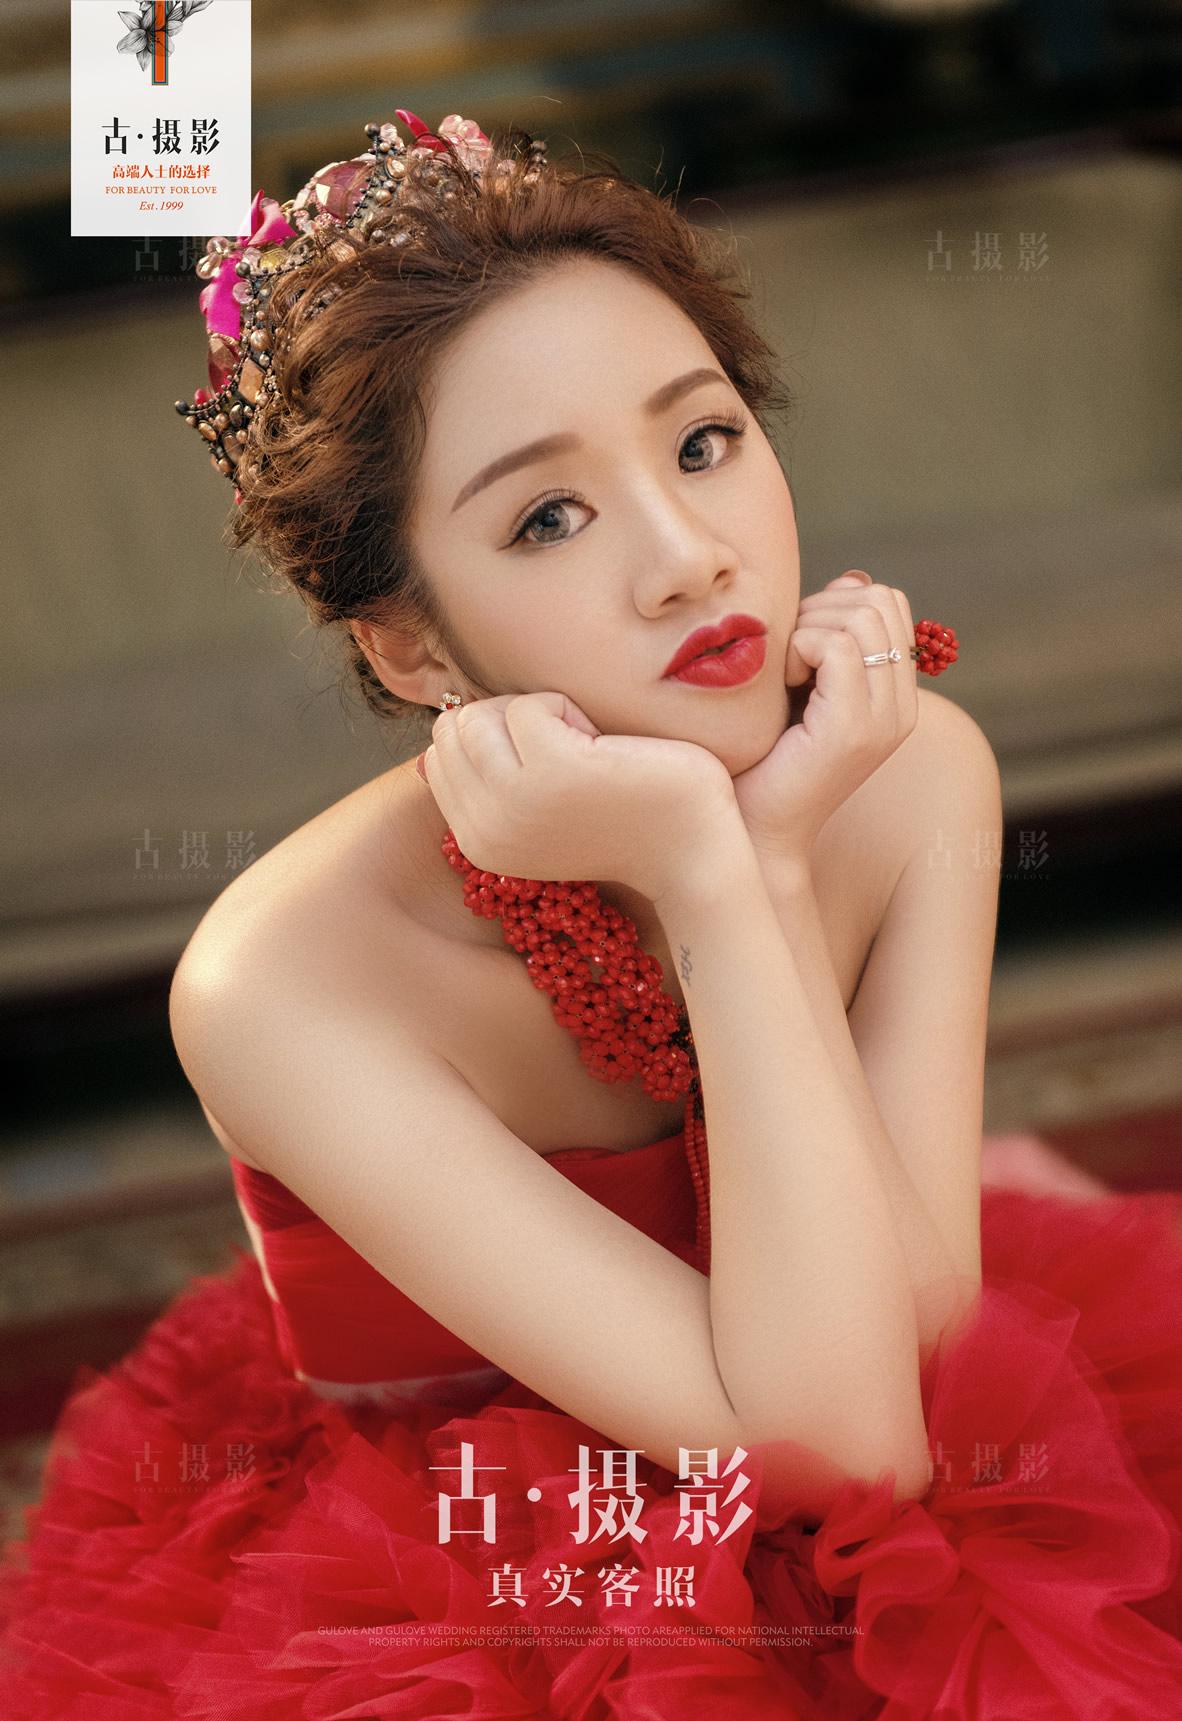 8月12日客片欧阳先生 何小姐 - 每日客照 - 广州婚纱摄影-广州古摄影官网